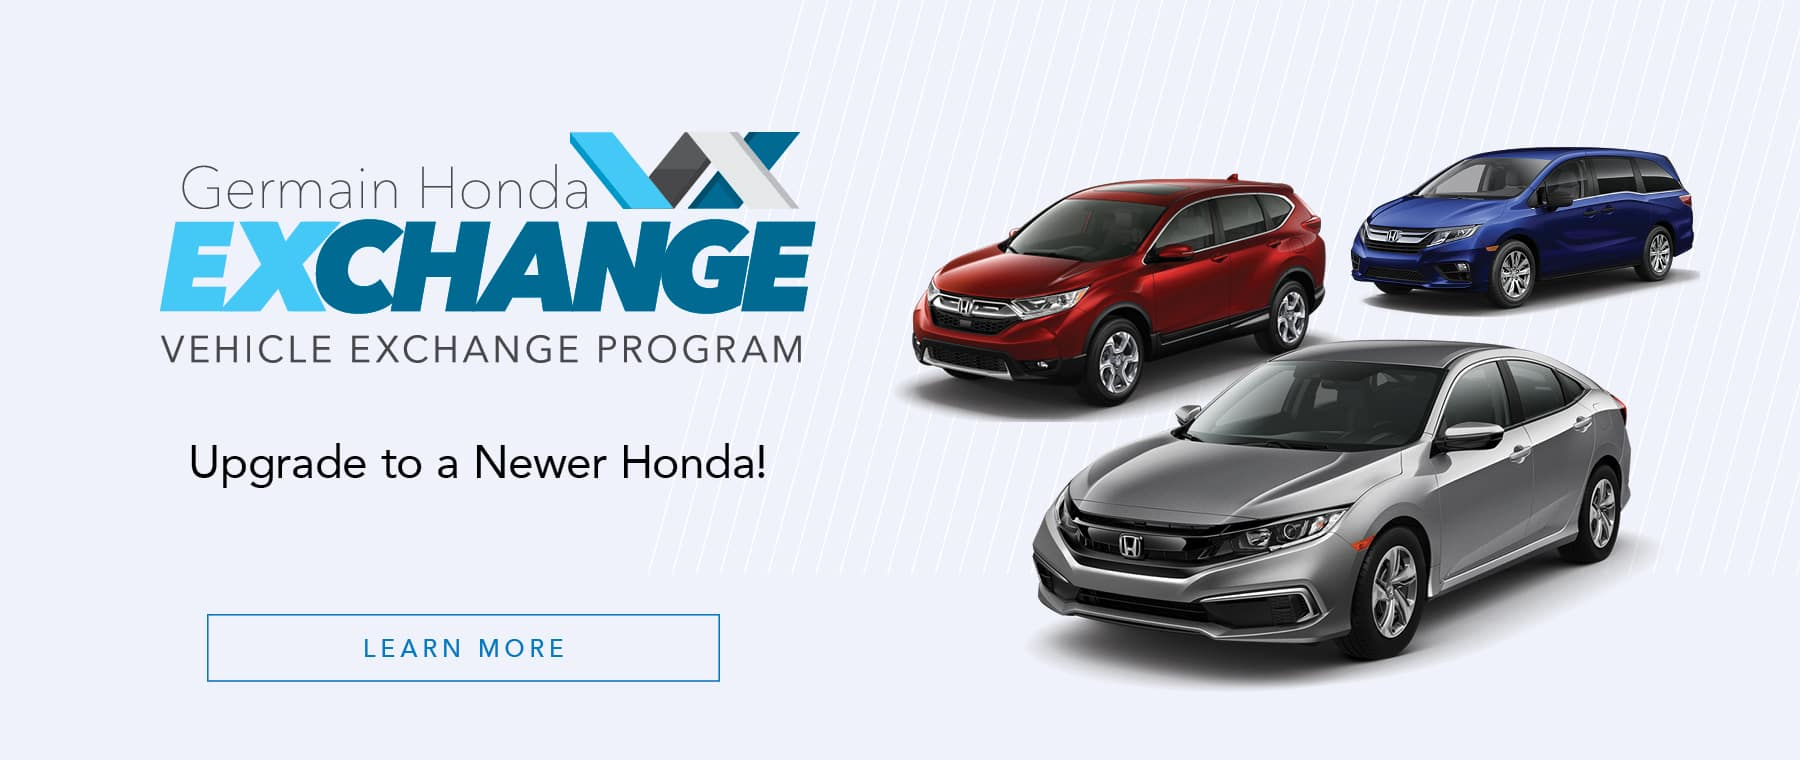 Honda Dealers Dayton Ohio >> Honda Dealers Dayton Ohio 2019 Deals At Germain Honda Of Beavercreek